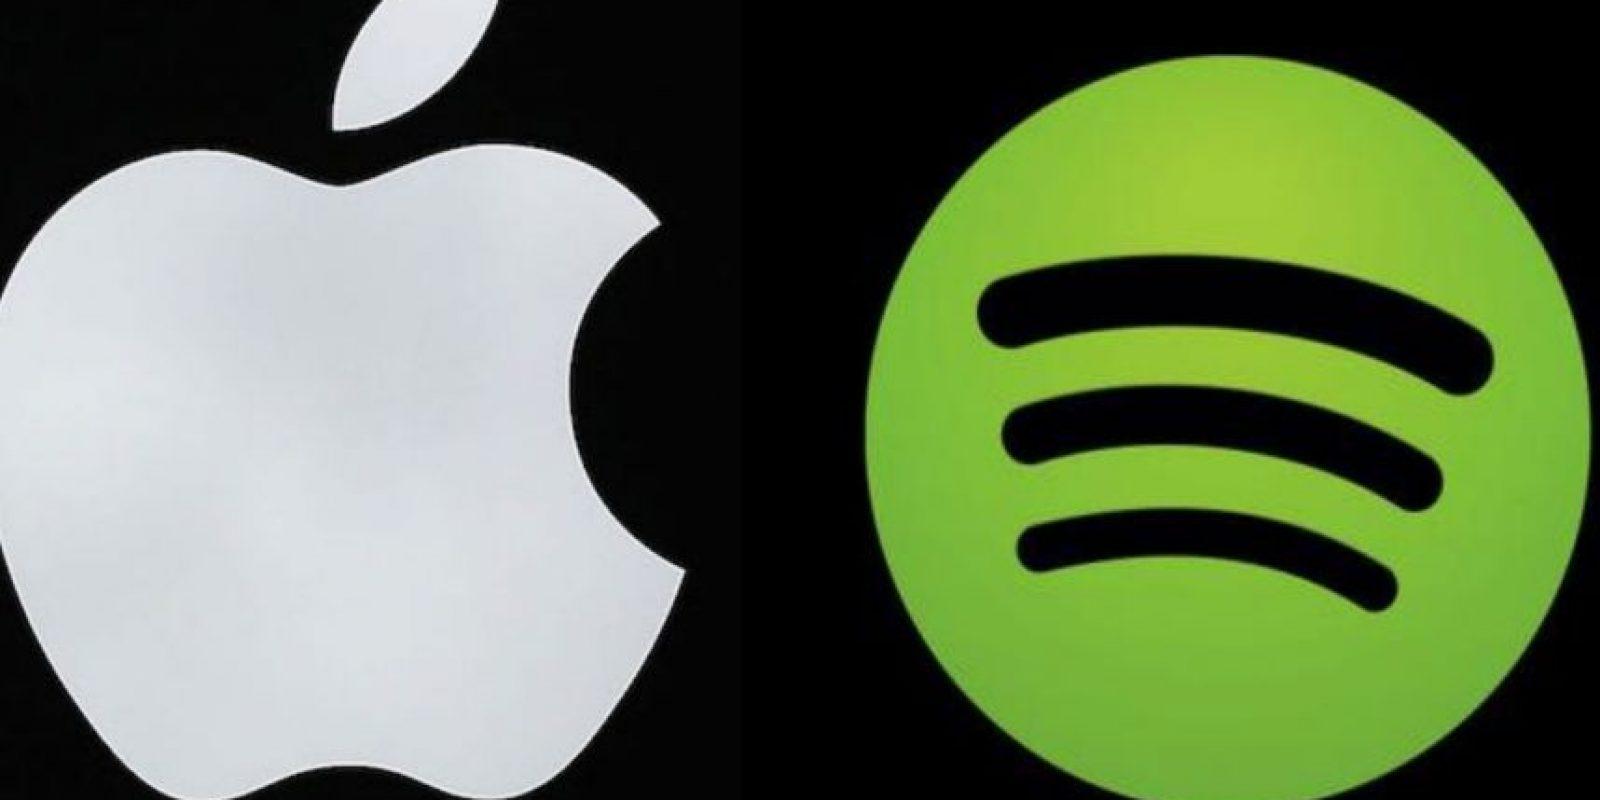 Apple Music y Spotify actualmente compiten por ser la mejor app de música en línea Foto:Spotify/Apple